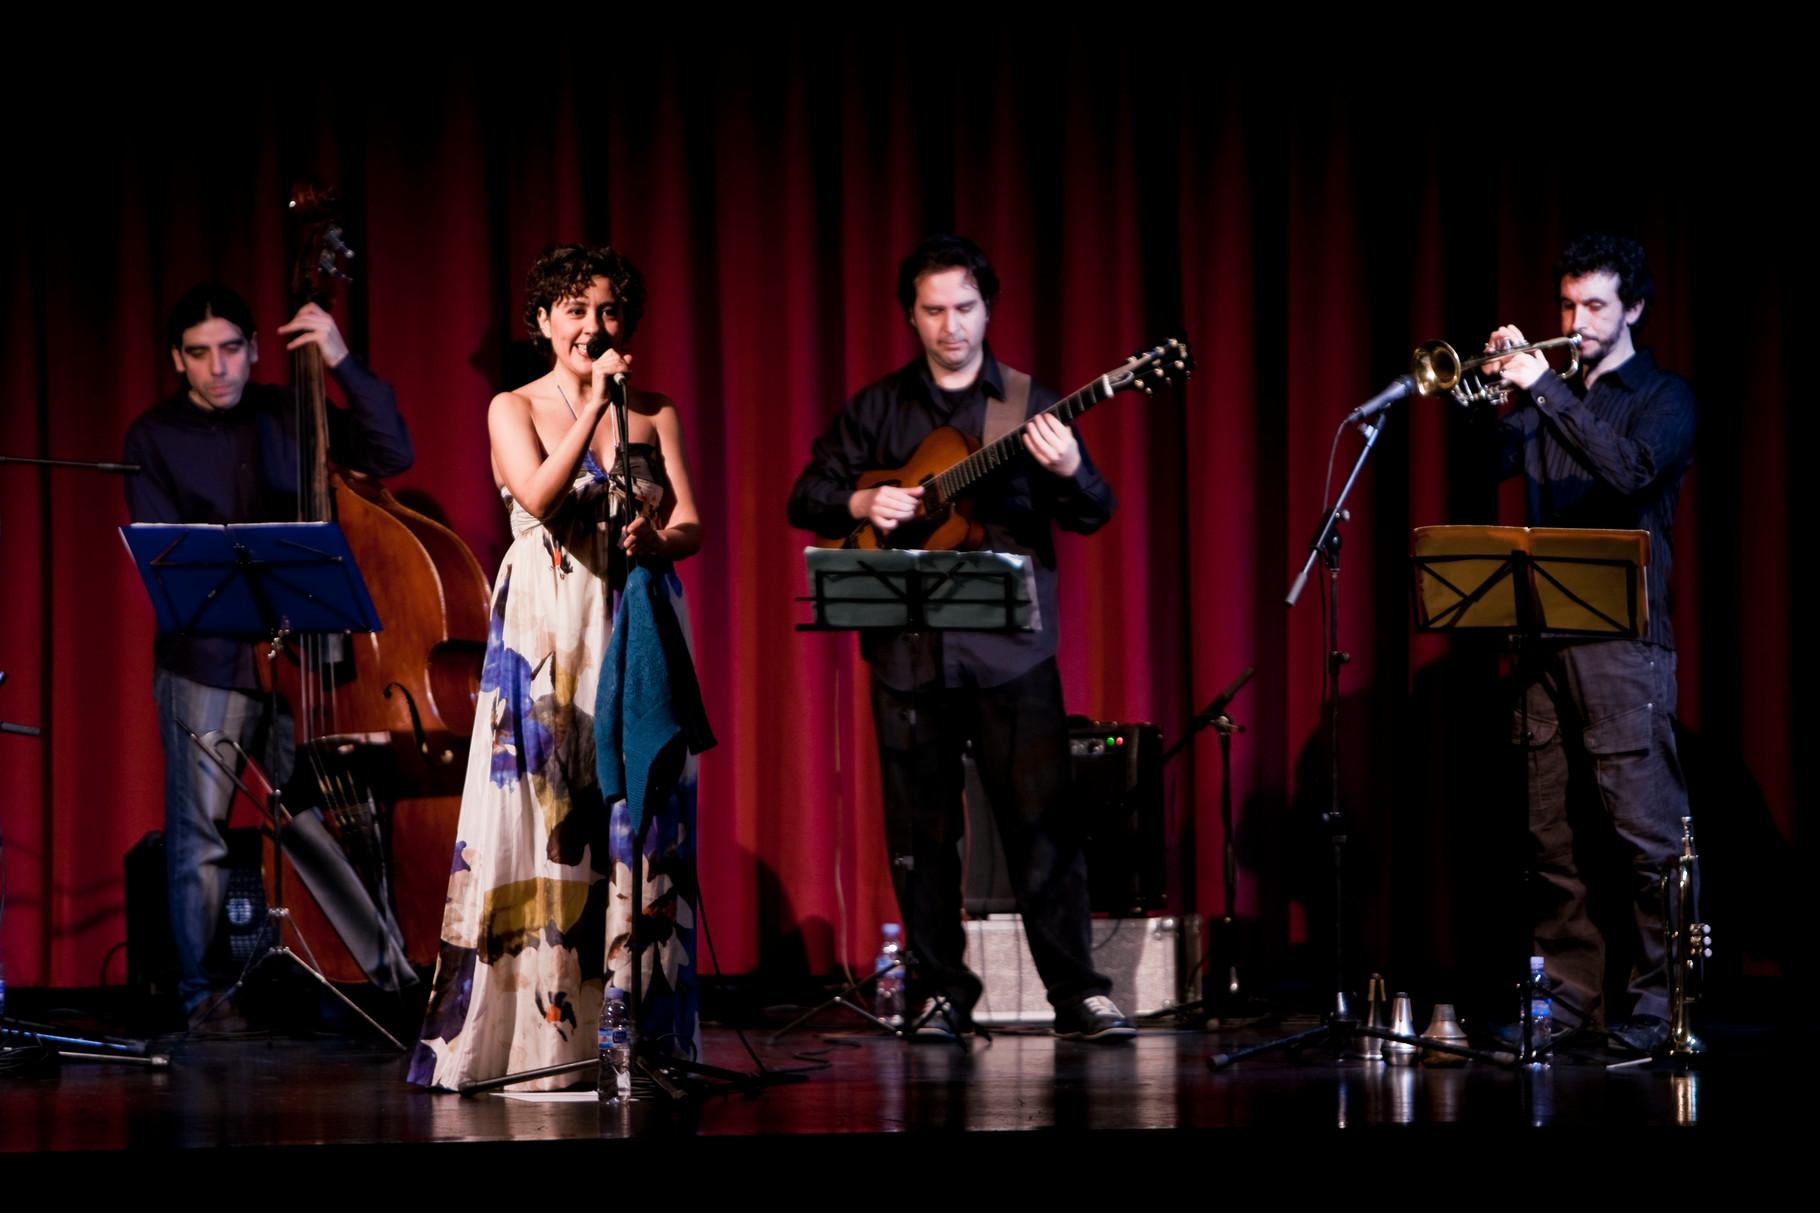 """QUINTETO con CARLOS ROSSI (trompeta). PRESENTACIÓN """"La Espuma de los Días"""". CICLO MÚSICAS EN FEBRERO. SEVILLA. 2009.FOTOS: ANTONIO MARTINEZ RUBIO"""